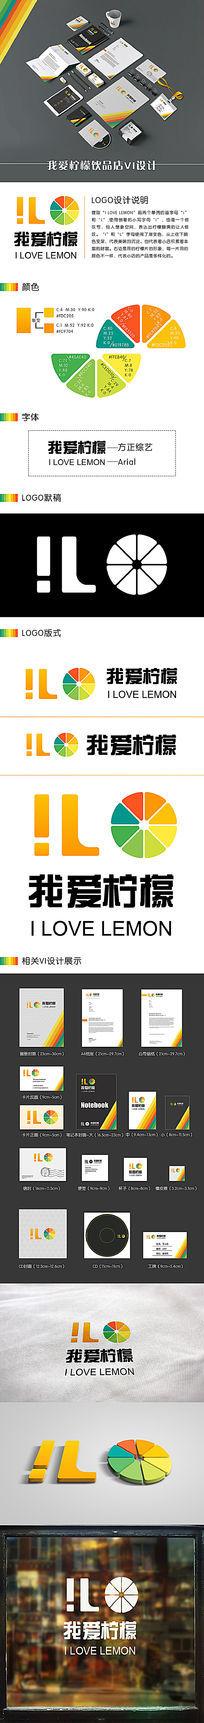 我爱柠檬饮品店LOGO设计